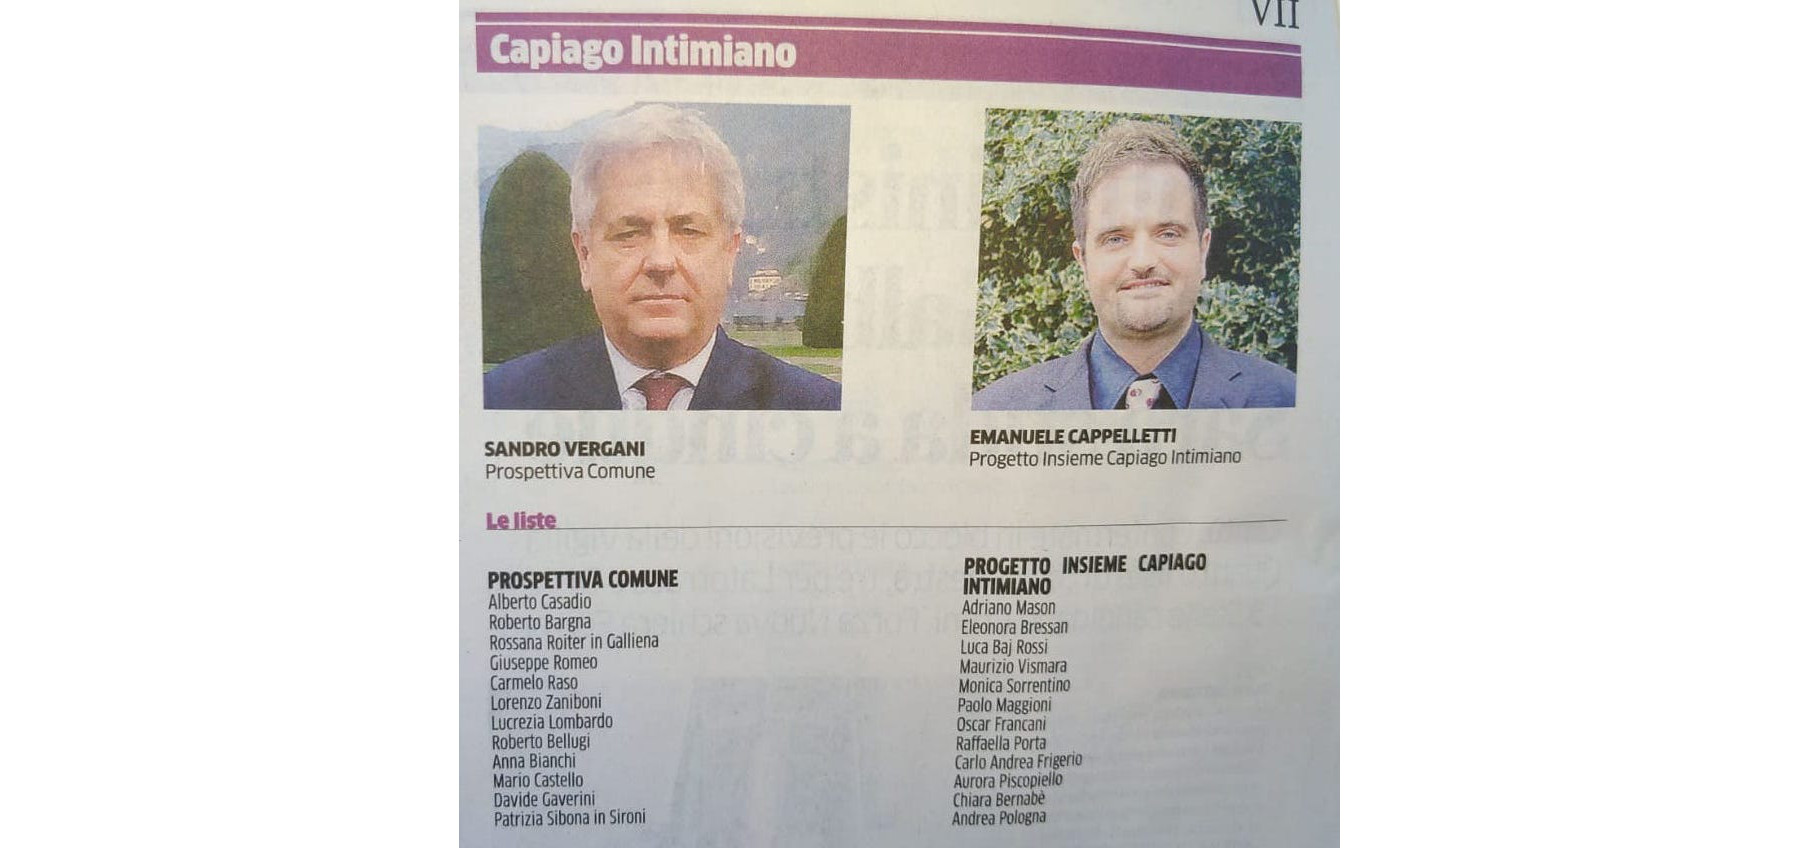 Elezioni Amministrative 2019 a Capiago Intimiano: Candidati e Liste